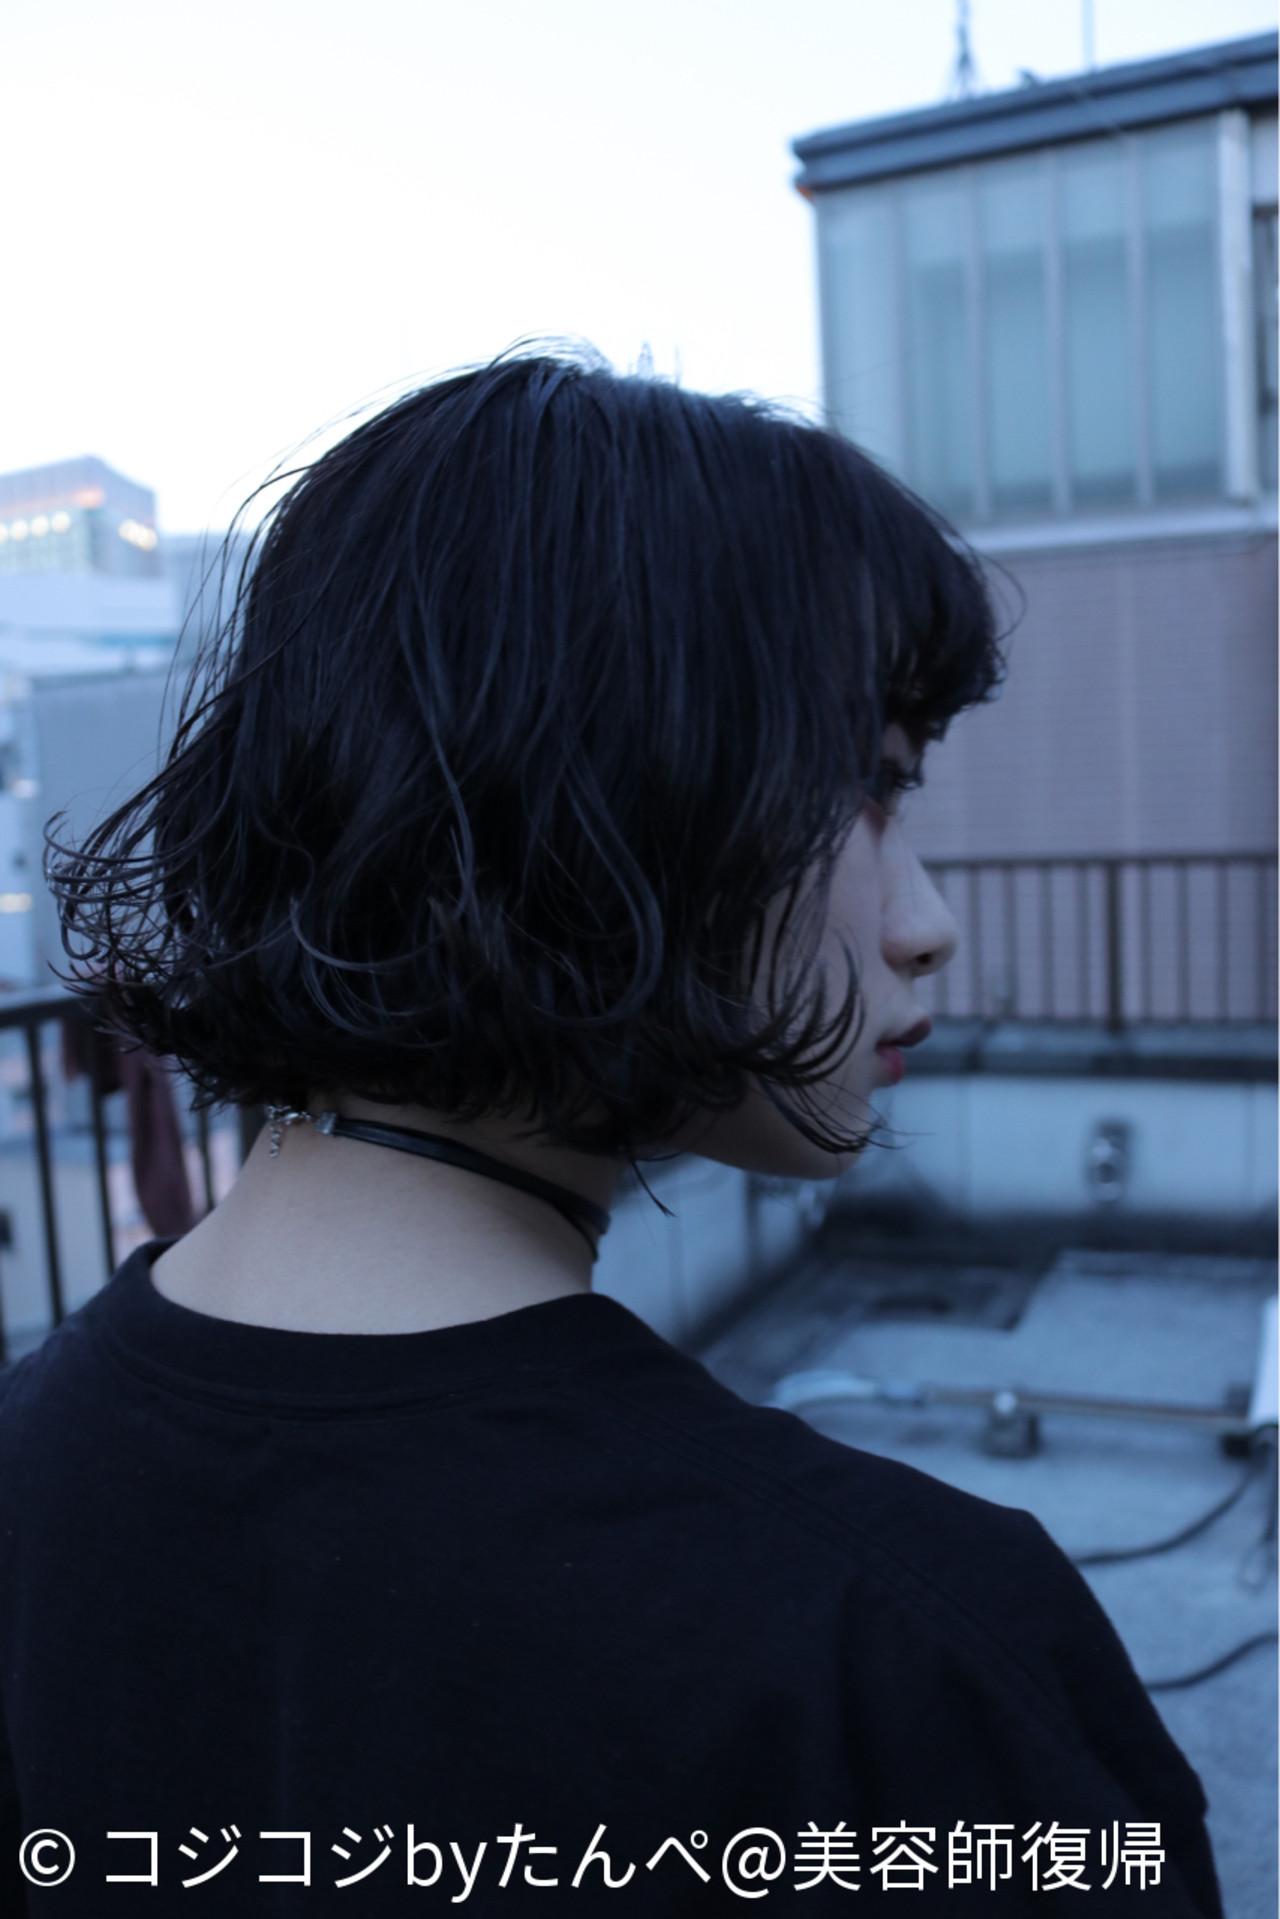 ウェットヘア 黒髪 ストリート アンニュイ ヘアスタイルや髪型の写真・画像